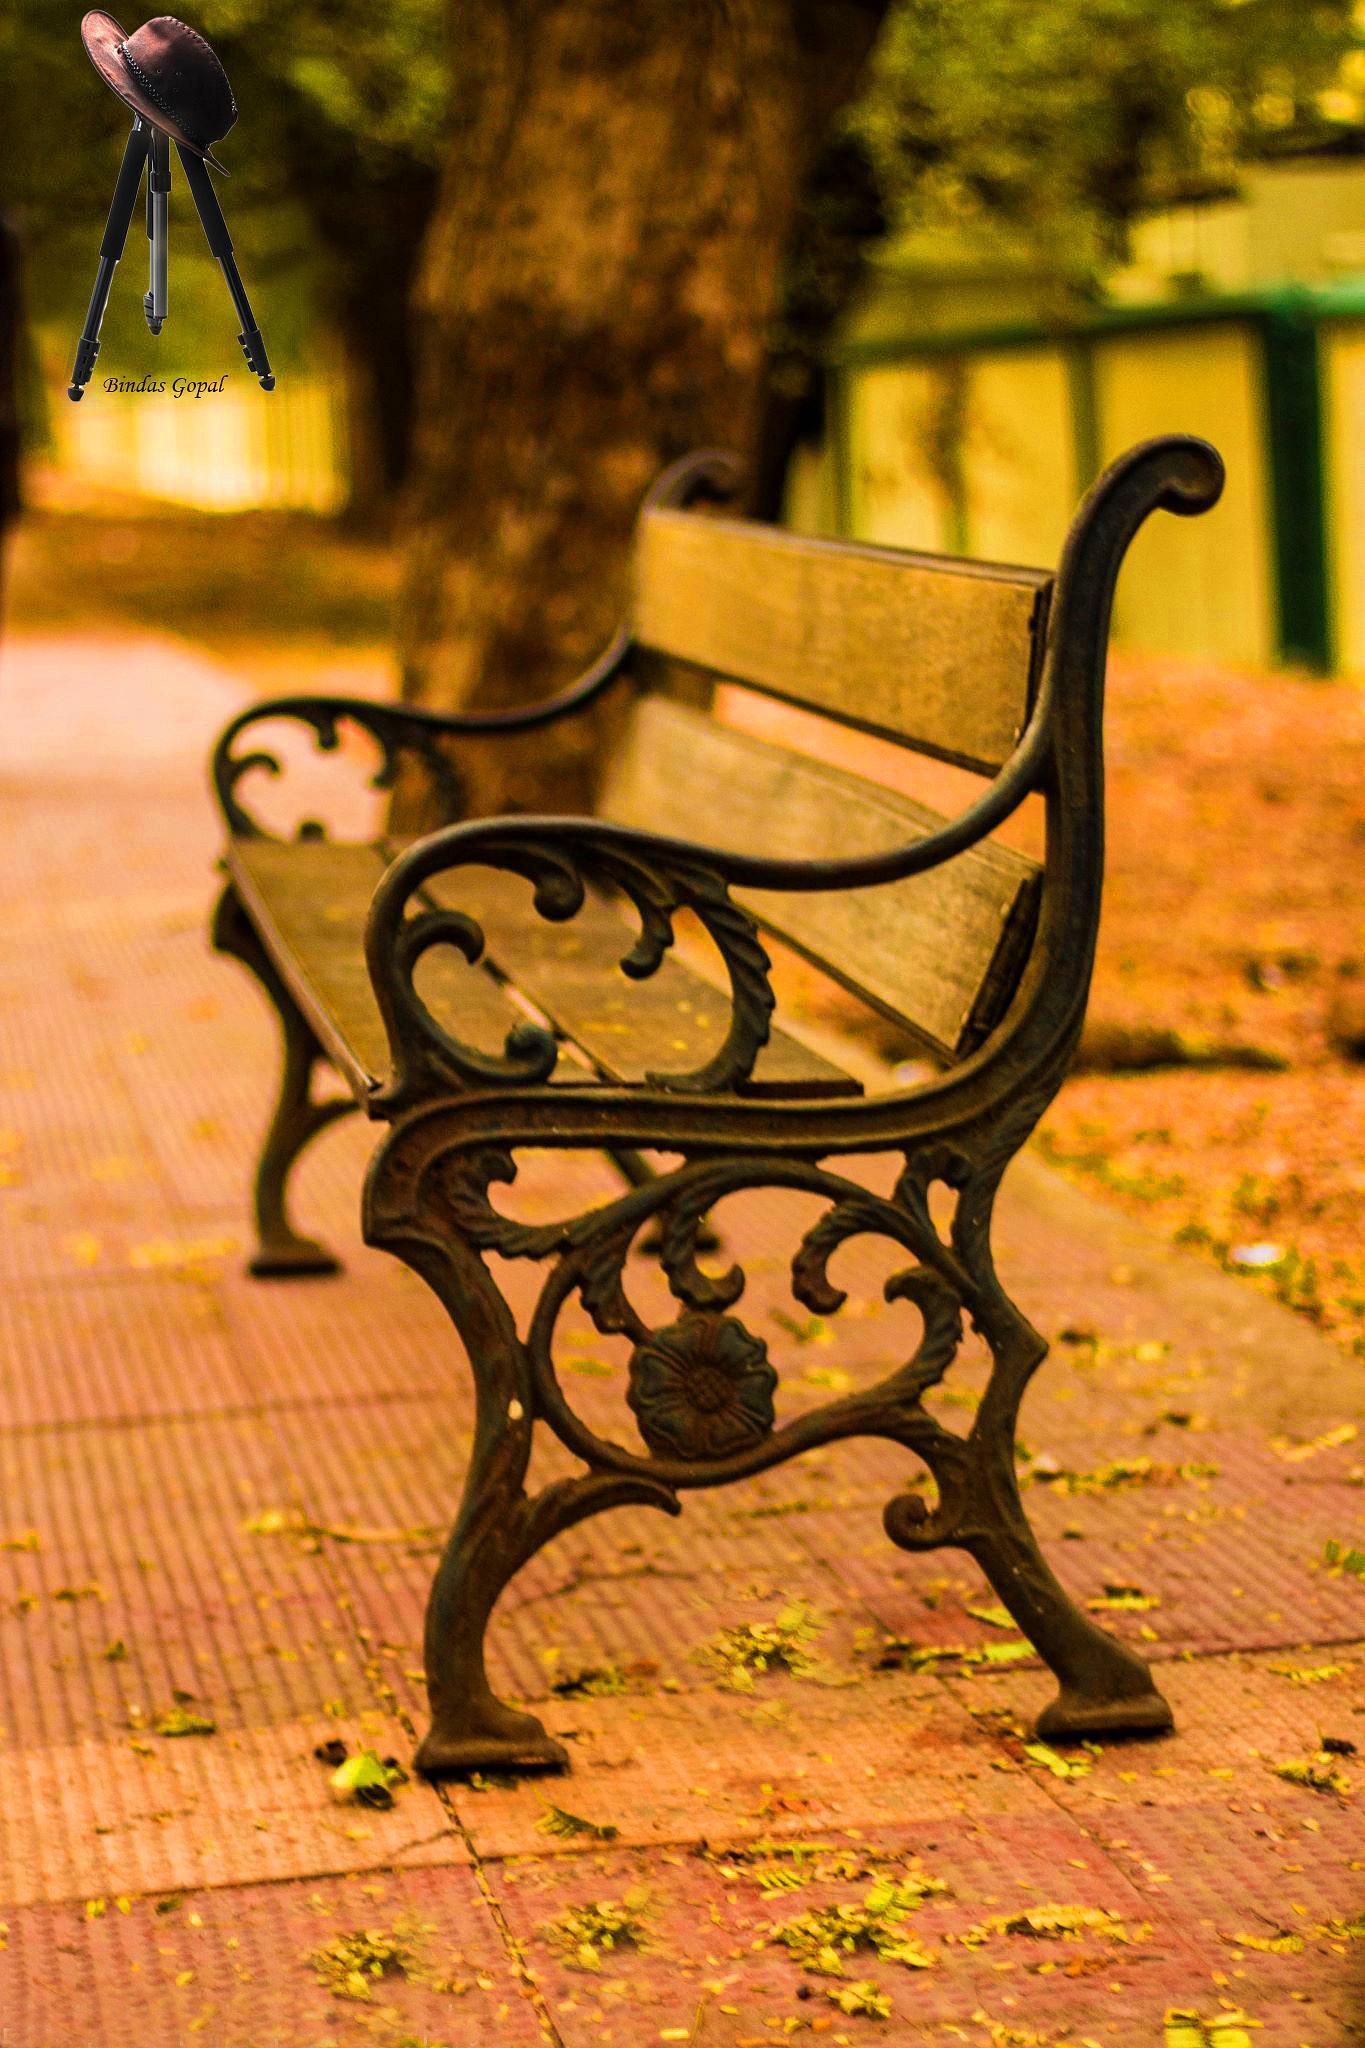 Sometimes few space remain empty in heart !! by Bindas Gopal